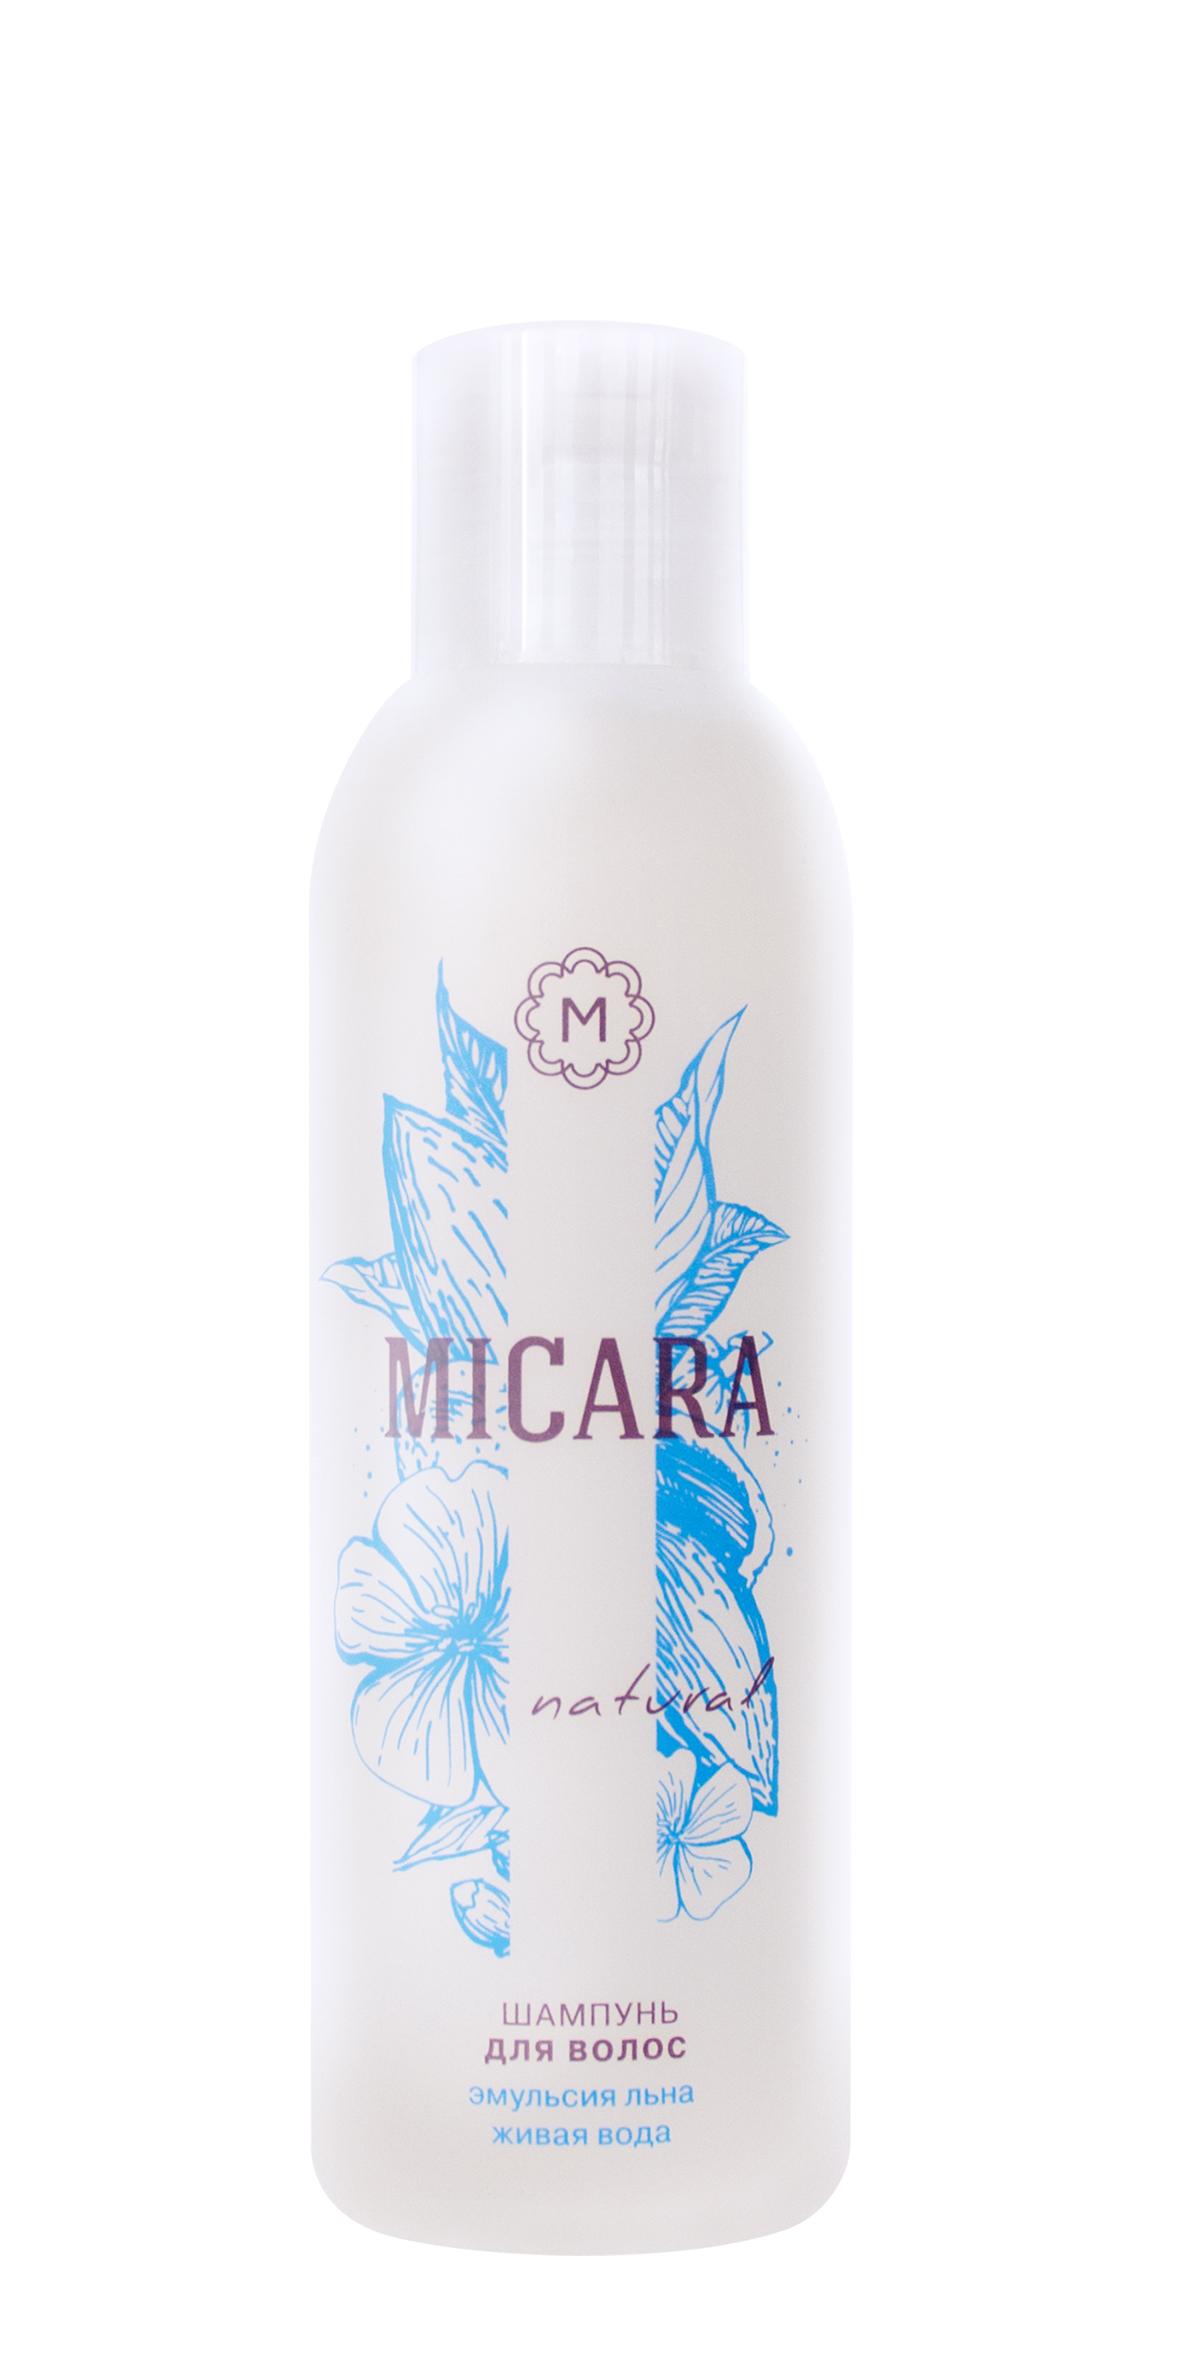 Micara Шампунь для волос смягчающий SLS Free 150 млМ03АSLS-free шампунь. Бережно ухаживает за волосами, возвращая естественный блеск волос. Бережно относится к окрашеным волосам. Для его создания мы выбрали натуральные ингредиенты. Они очень мягко очищают волосы. Помогает улучшить текстуру и внешний вид волос. Увлажняет сухие и поврежденные волосы благодаря кератину в составе. Используя этот шампунь, вы сохраните естественный баланс волос и кожи головы. После высыхания волосы будут блестеть. Мы особенно гордимся этим фактом, так как знаем, что органические шампуни зачастую делают волосы тусклыми. Шампунь Micara: — качественно очищает волосы, не оставляя на них загрязнения; — после высыхания волосы блестят. Другие органические шампуни делают волосы тусклыми; — волосы легко расчесываются и не путаются; — очень «нежен» к коже головы и не вызывает раздражения или зуд. Подходит для всех типов волос. В составе Кератин Восполняет отсутствие естественного кератина в волосах. Делает сухие и ломкие волосы здоровыми. Увеличивает объем волос....